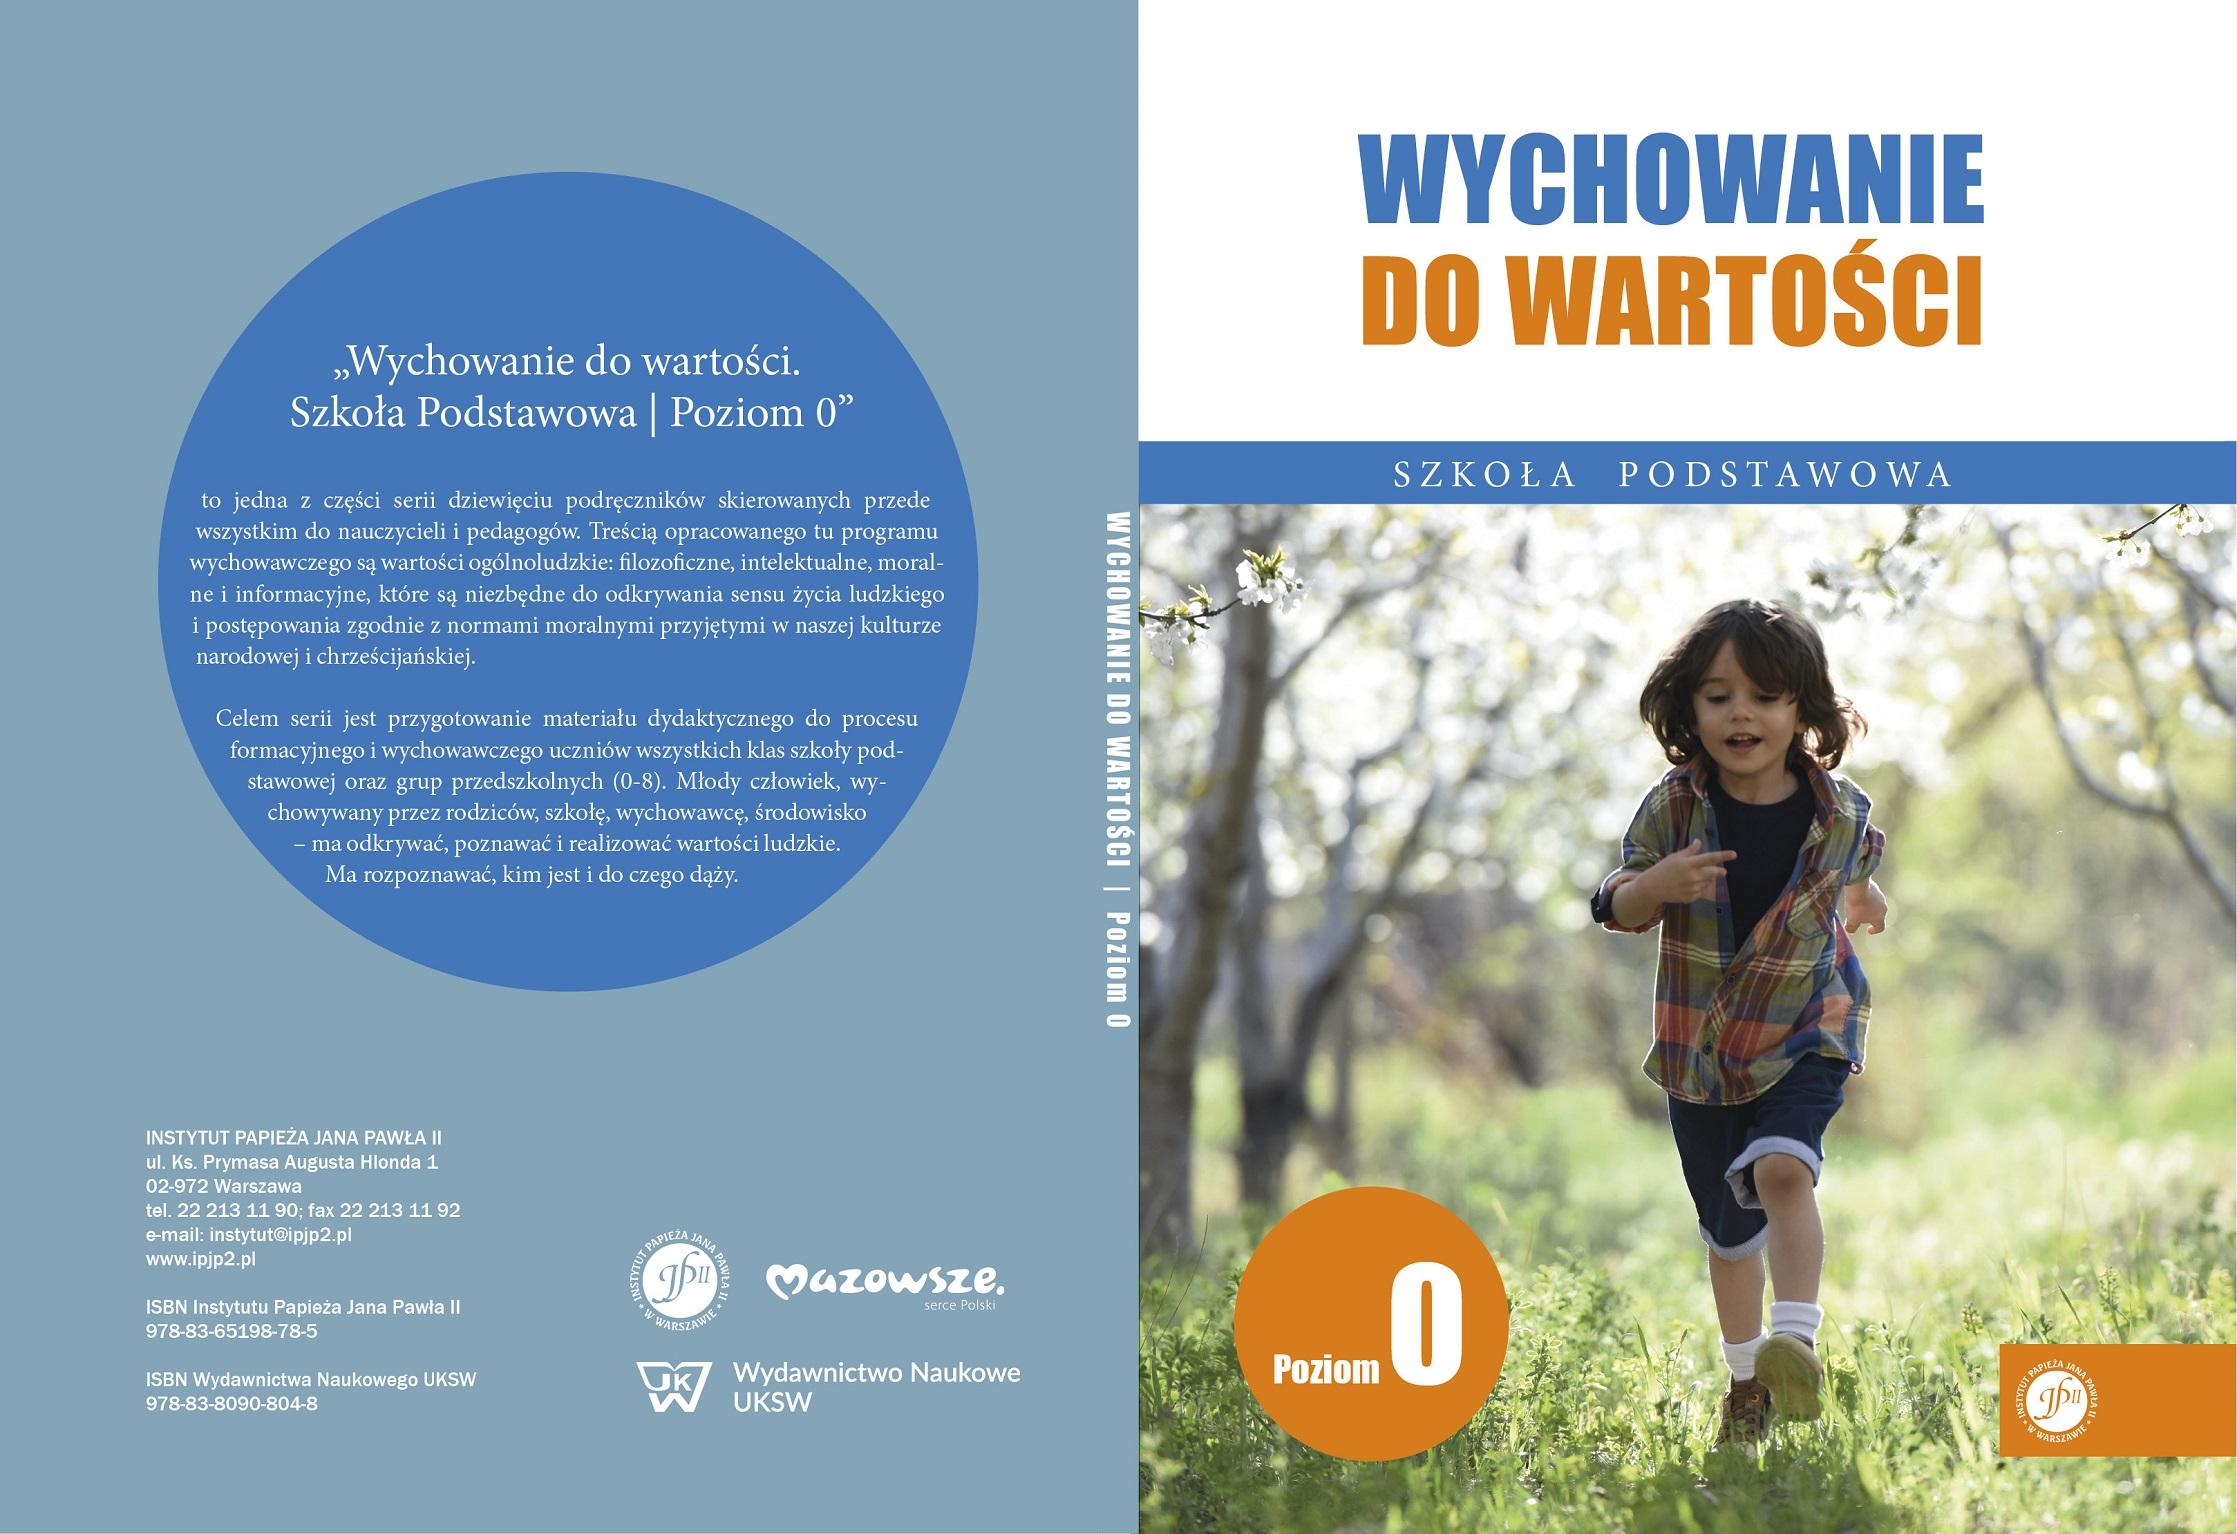 Ks. Zdzisław Struzik, Wychowanie do wartości. Szkoła podstawowa. Poziom 0, CD, Instytut Papieża Jana Pawła II, Warszawa 2020.